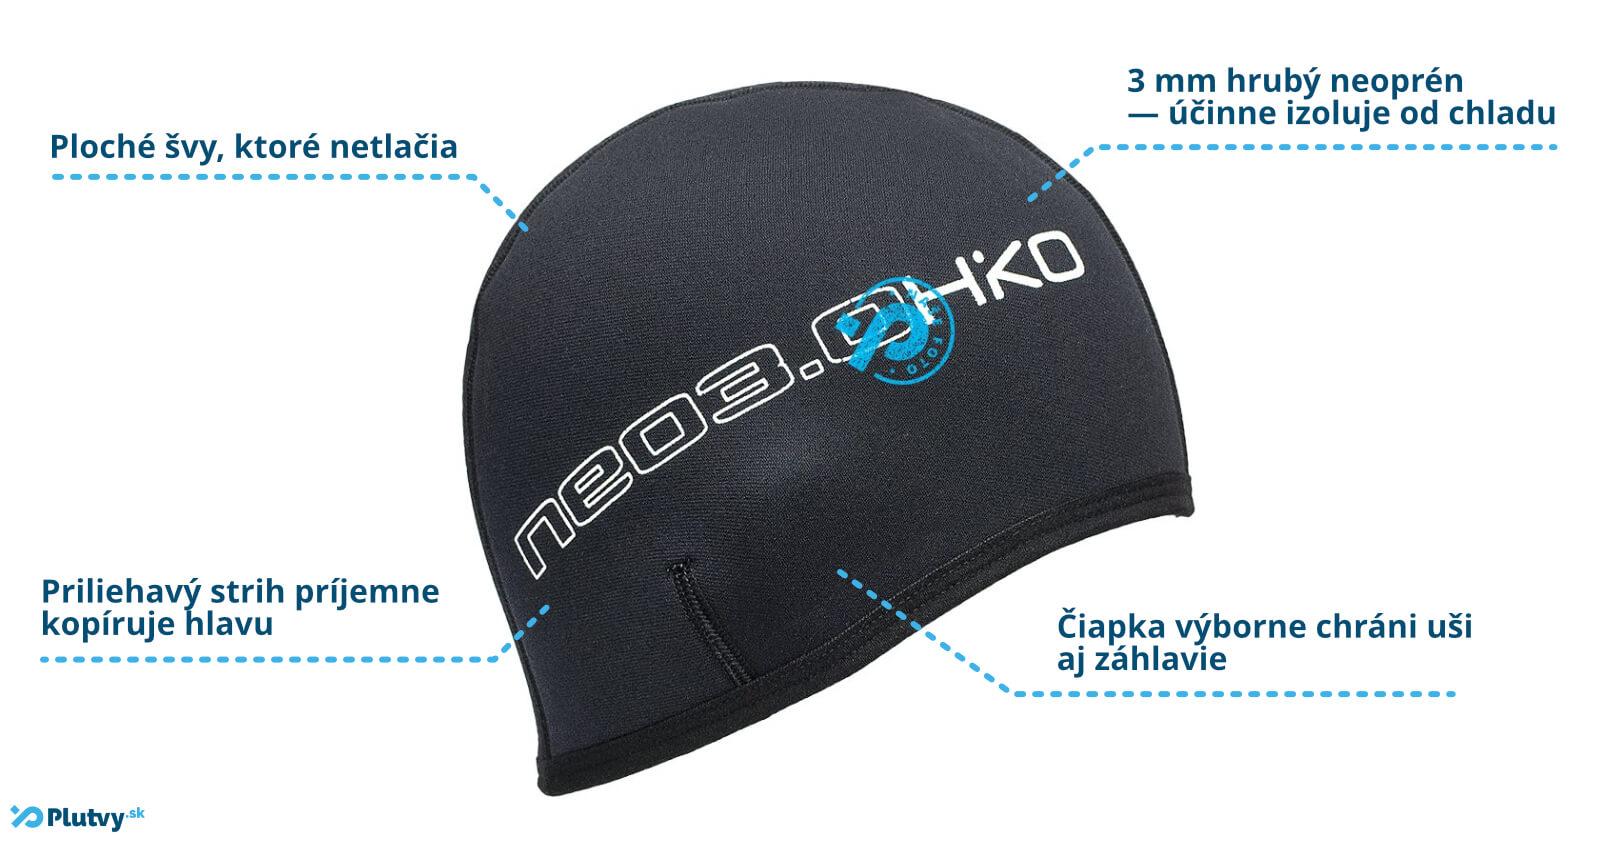 Hrubá čapica z neoprénu do studenej vody pre otužilcov, Hiko Neo 3mm, v Plutvy.sk, Bratislava